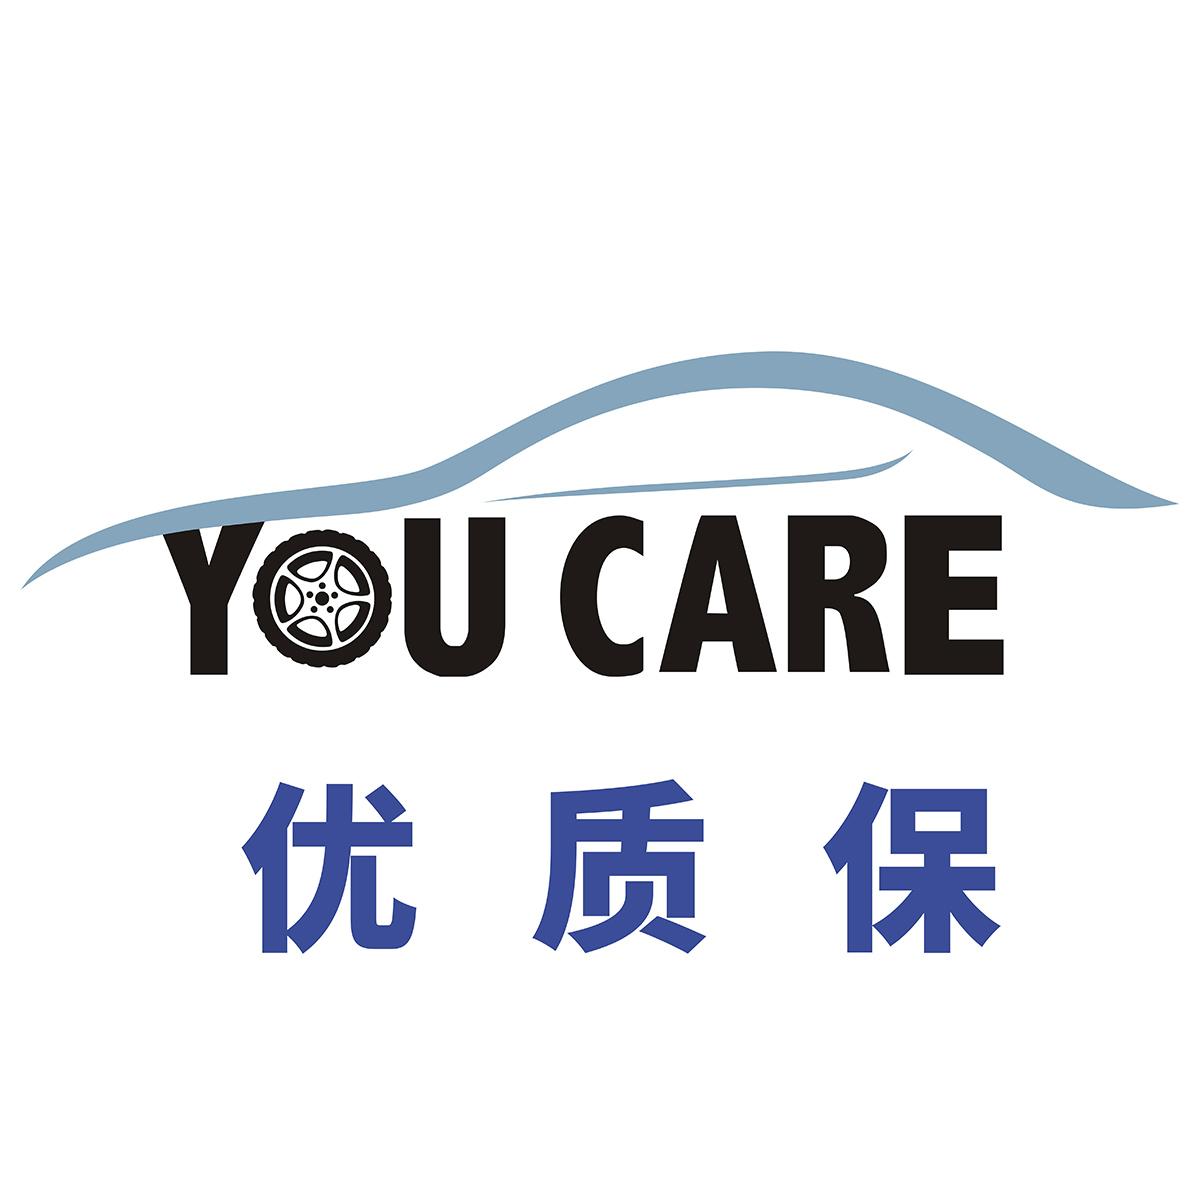 深圳市优质保汽车服务有限公司logo